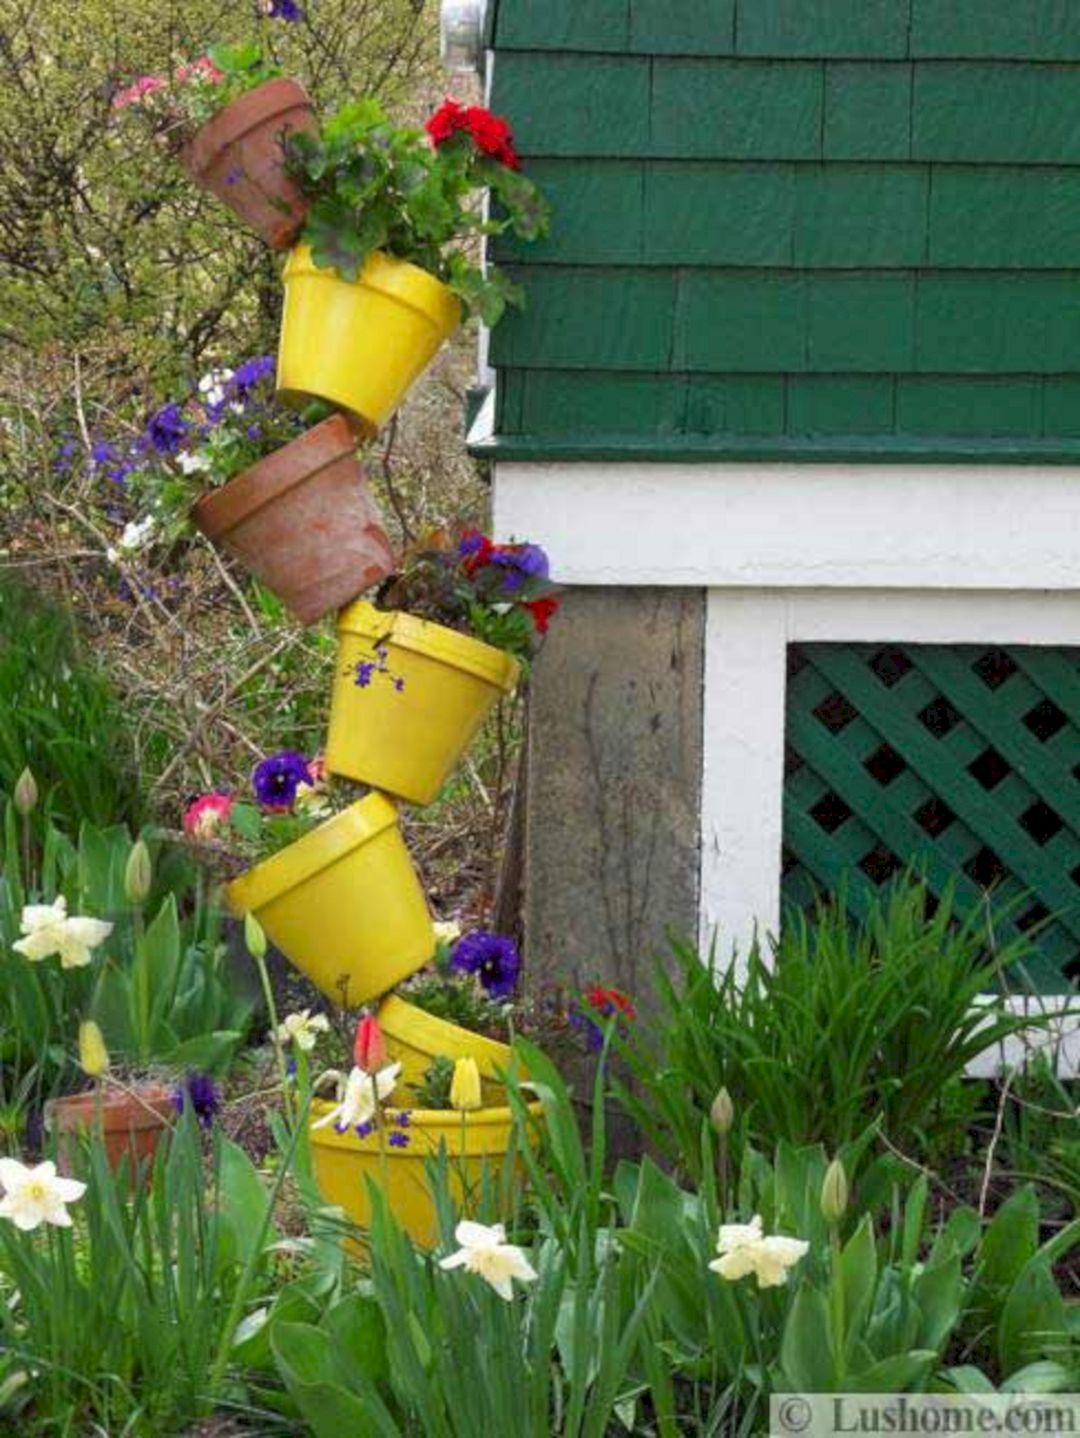 Spring Yard Decoration Ideas (Spring Yard Decoration Ideas ... on Lawn Decorating Ideas  id=94880